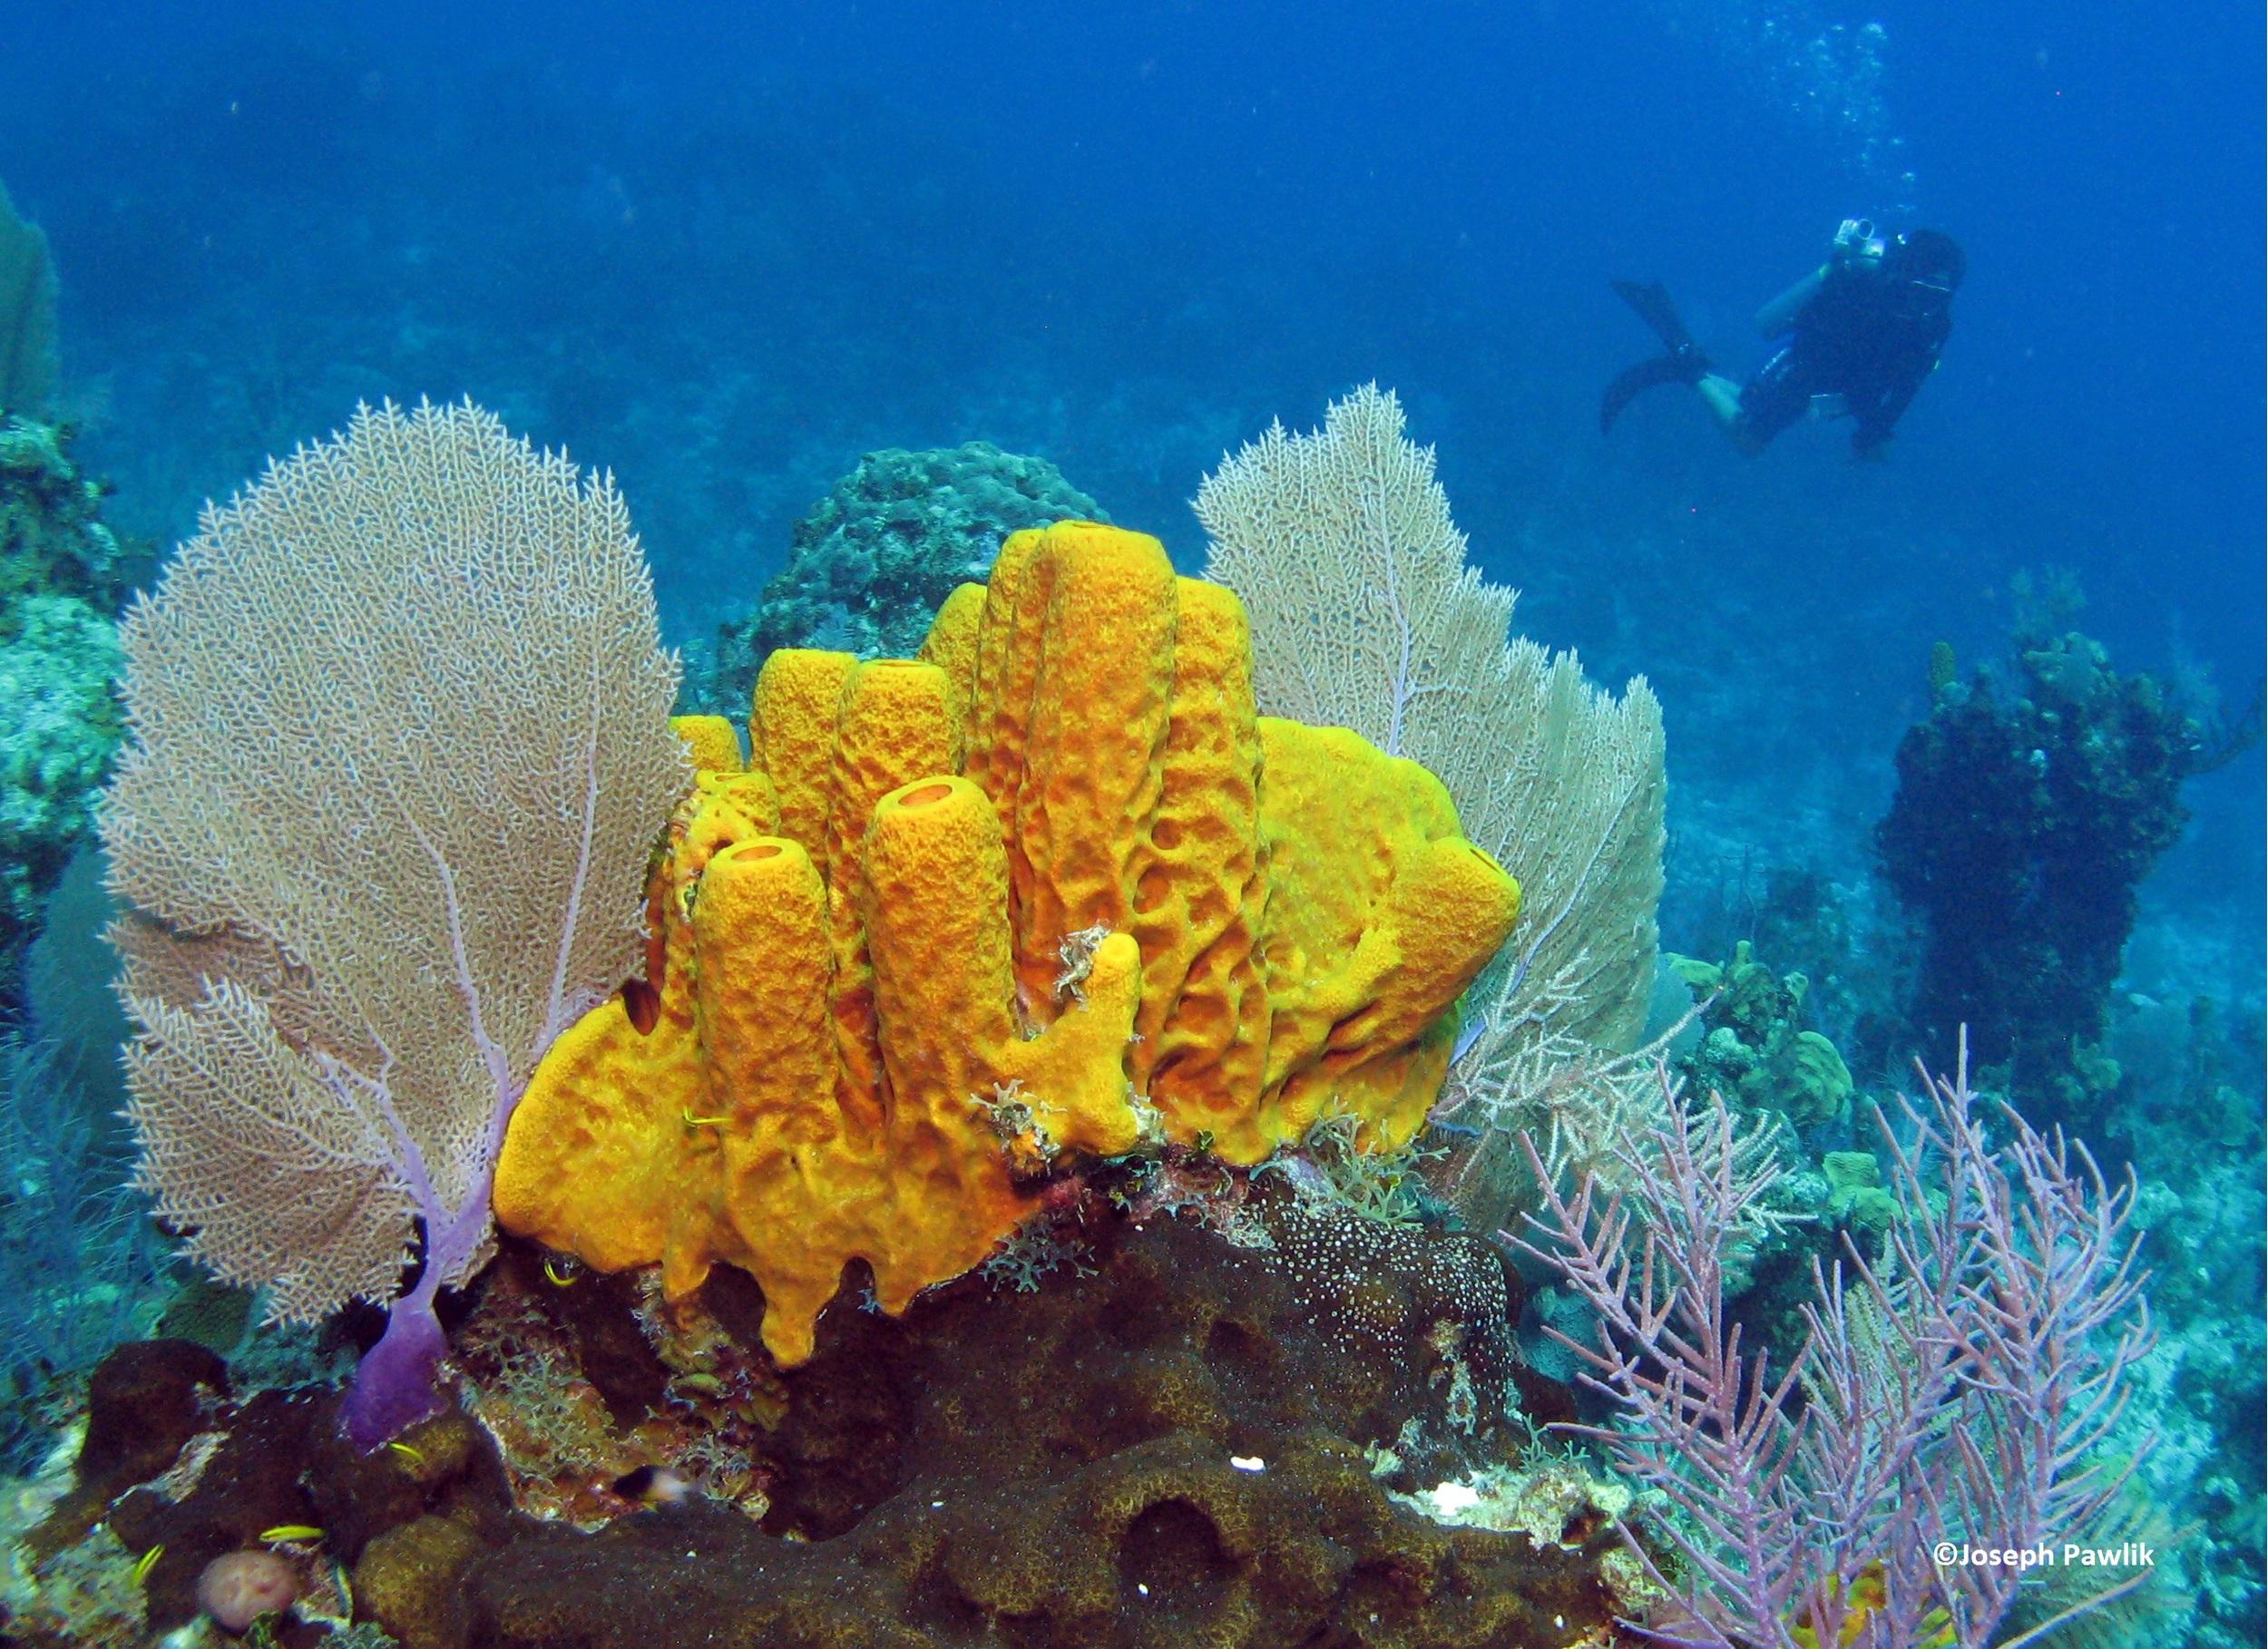 sponge reef scape_PawlikPhoto067_CREDIT.jpg